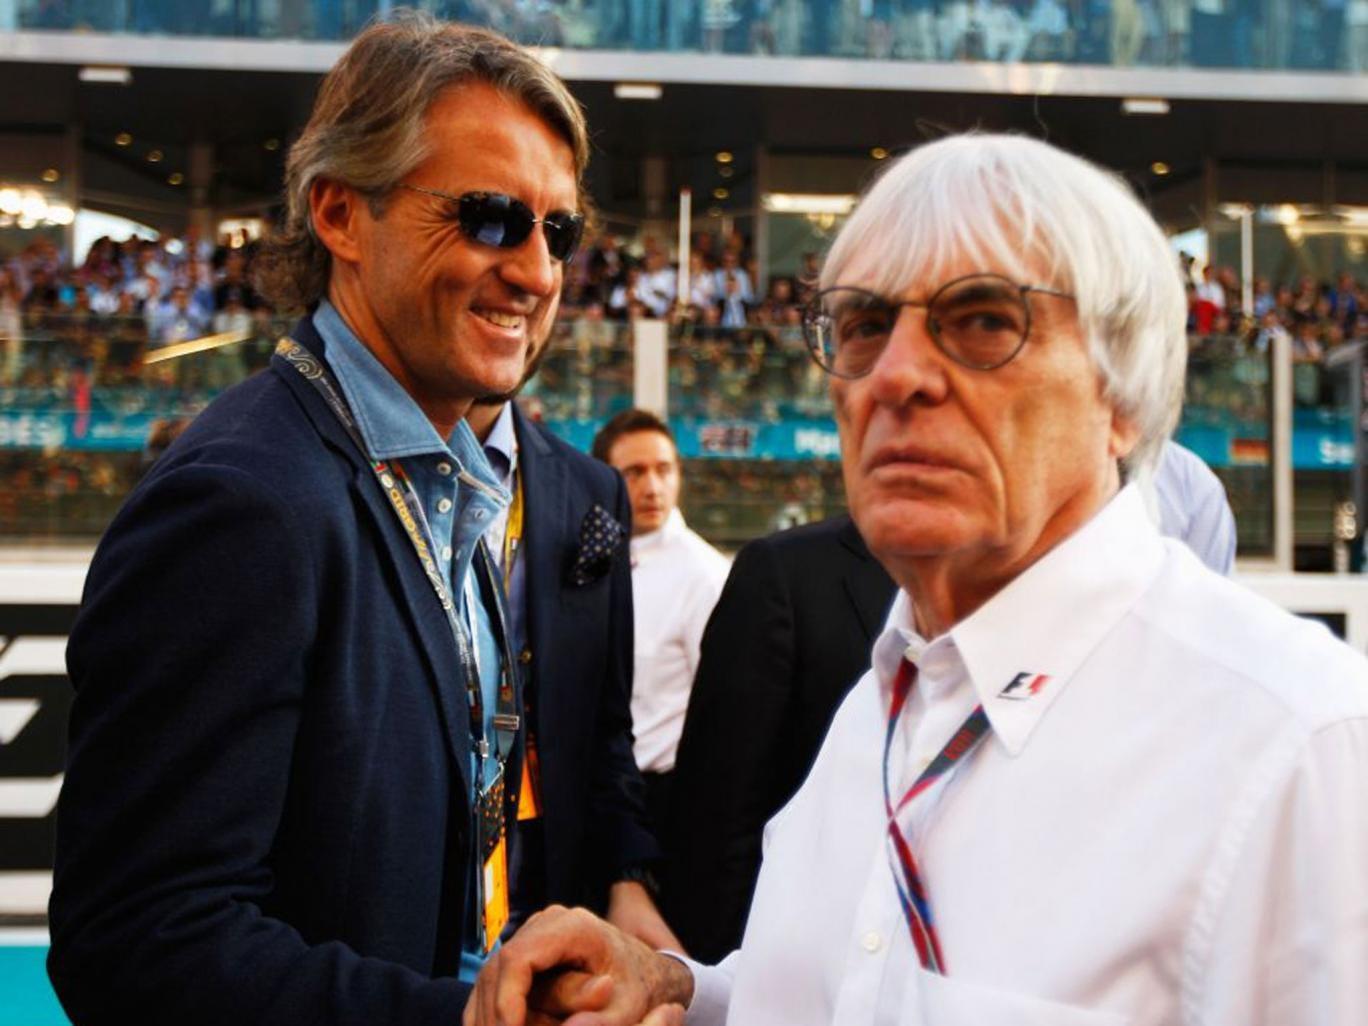 A dapper Roberto Mancini (left) greets Bernie Ecclestone in Dubai